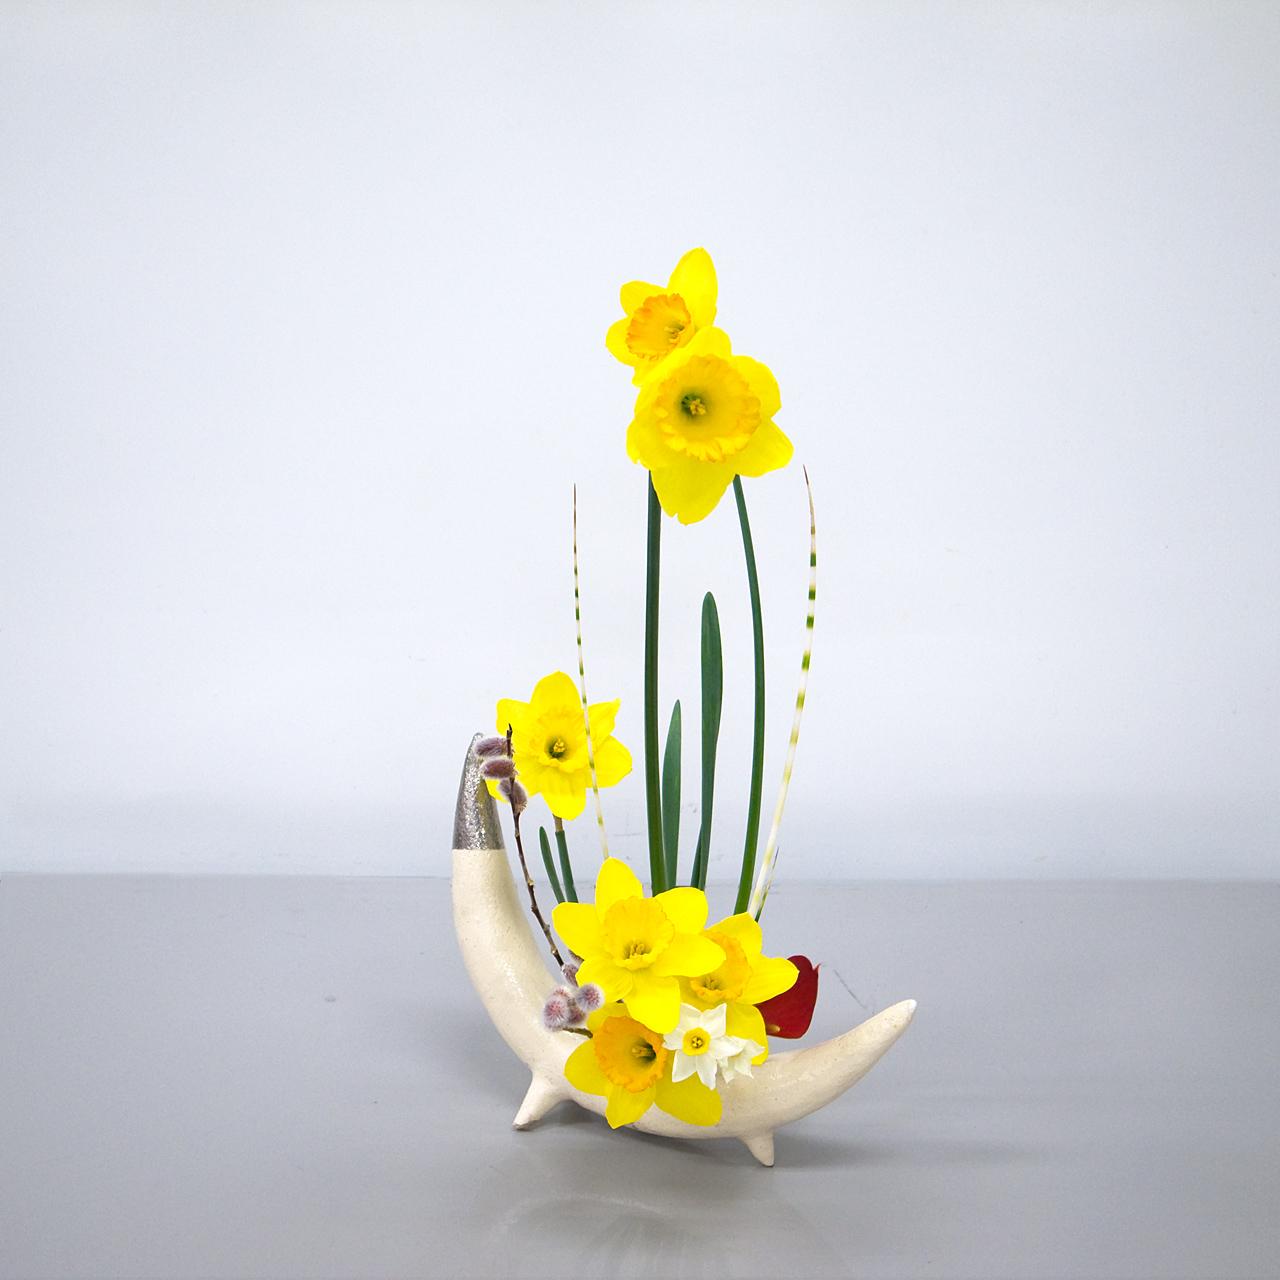 自由花 ラッパ水仙、水仙、縞ふとい、赤目柳、アンスリウム